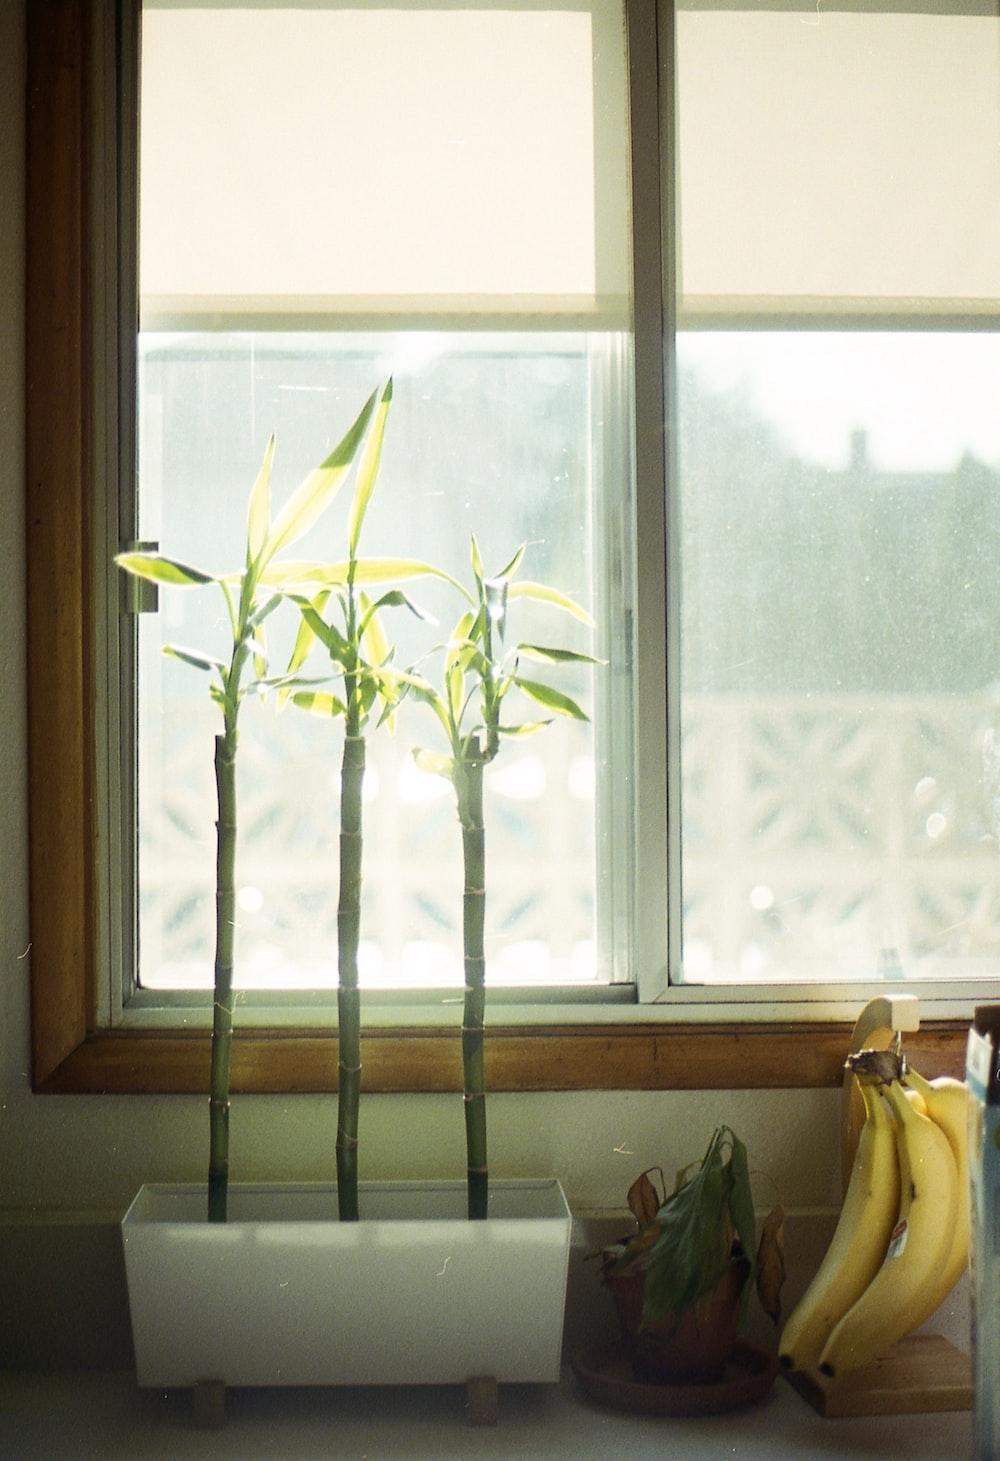 green plants beside window